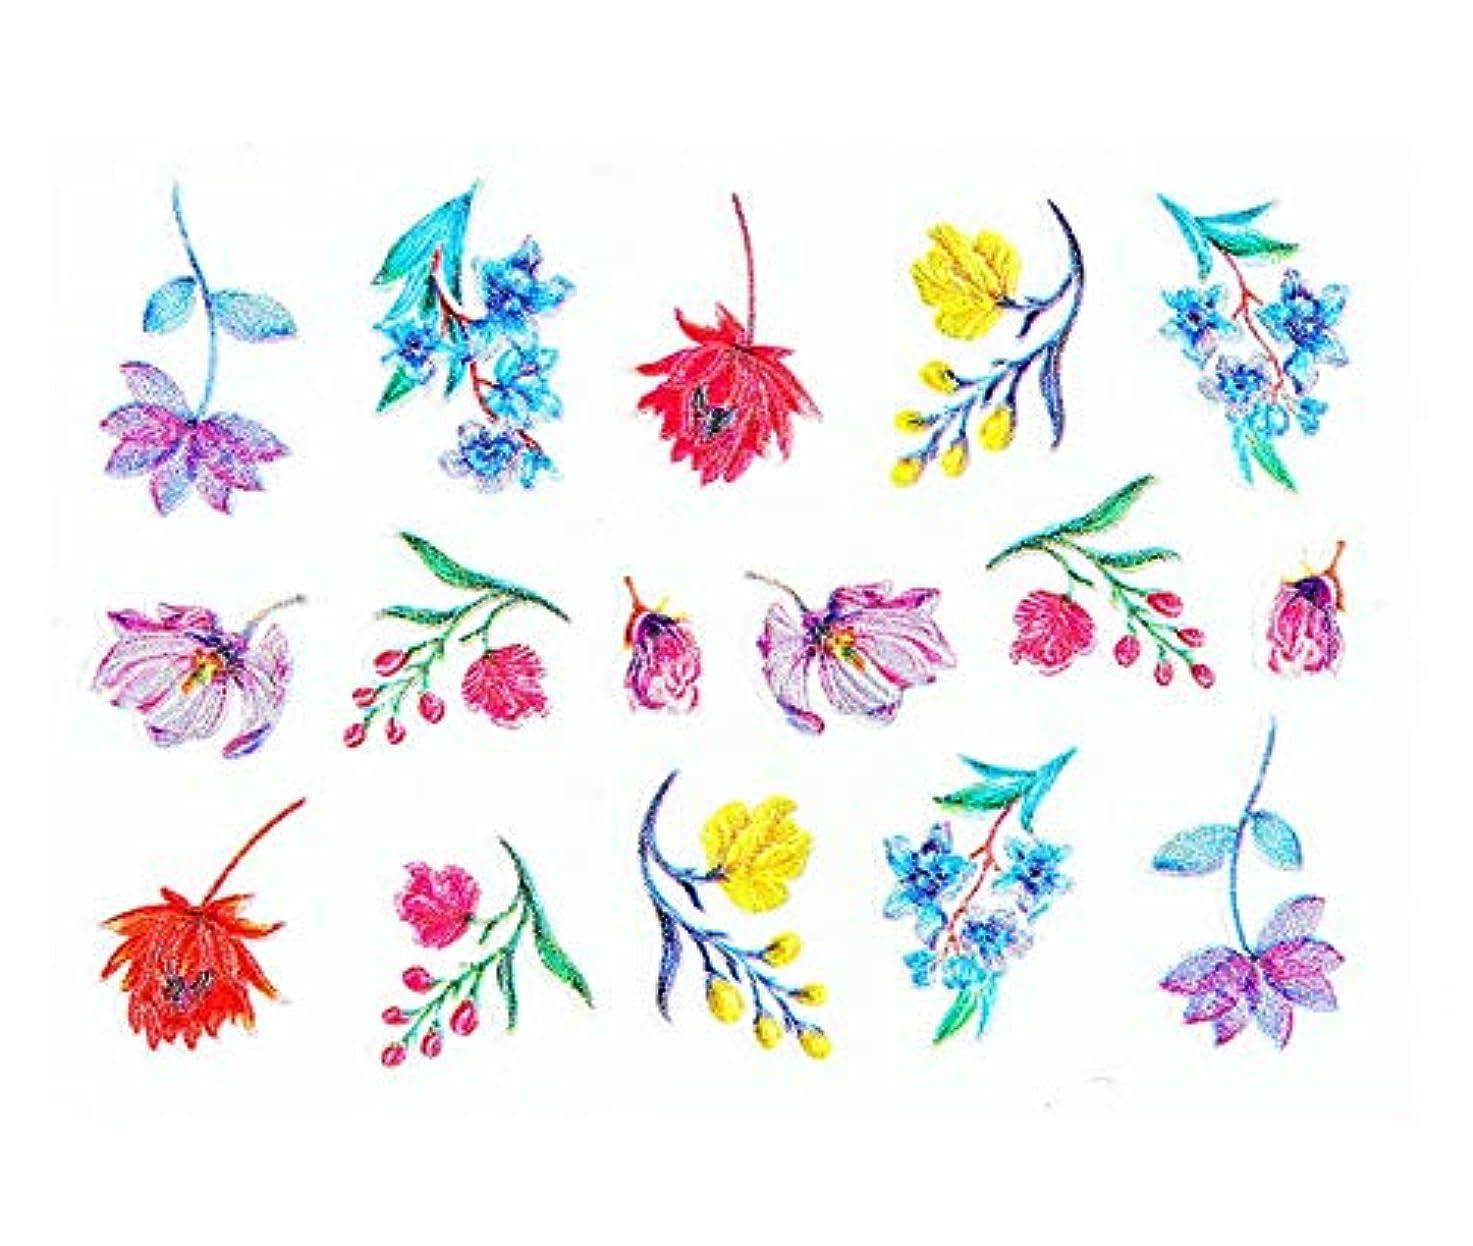 アフリカ任命寸前Tianmey 5Dエンボス透かしネイルステッカーフラワーマニキュアデコレーションネイルデカールステッカー (Color : Flower)